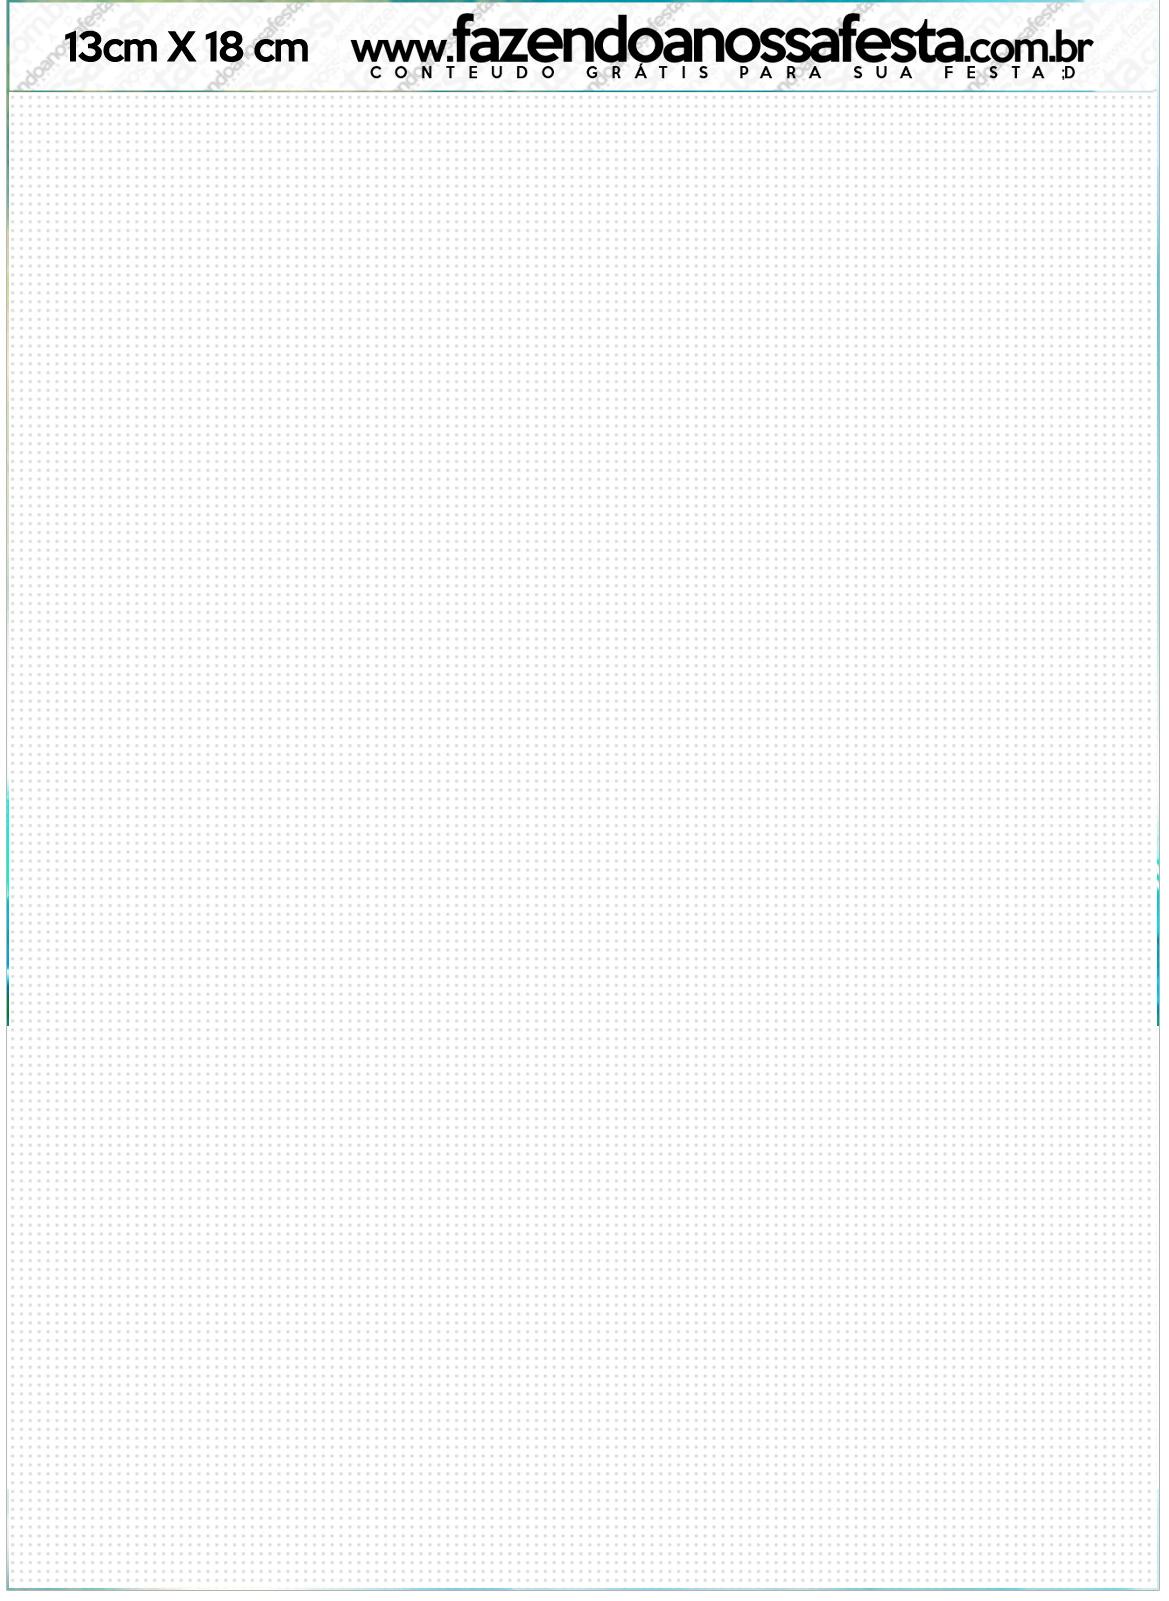 Convite com envelope Mini Kit Moana